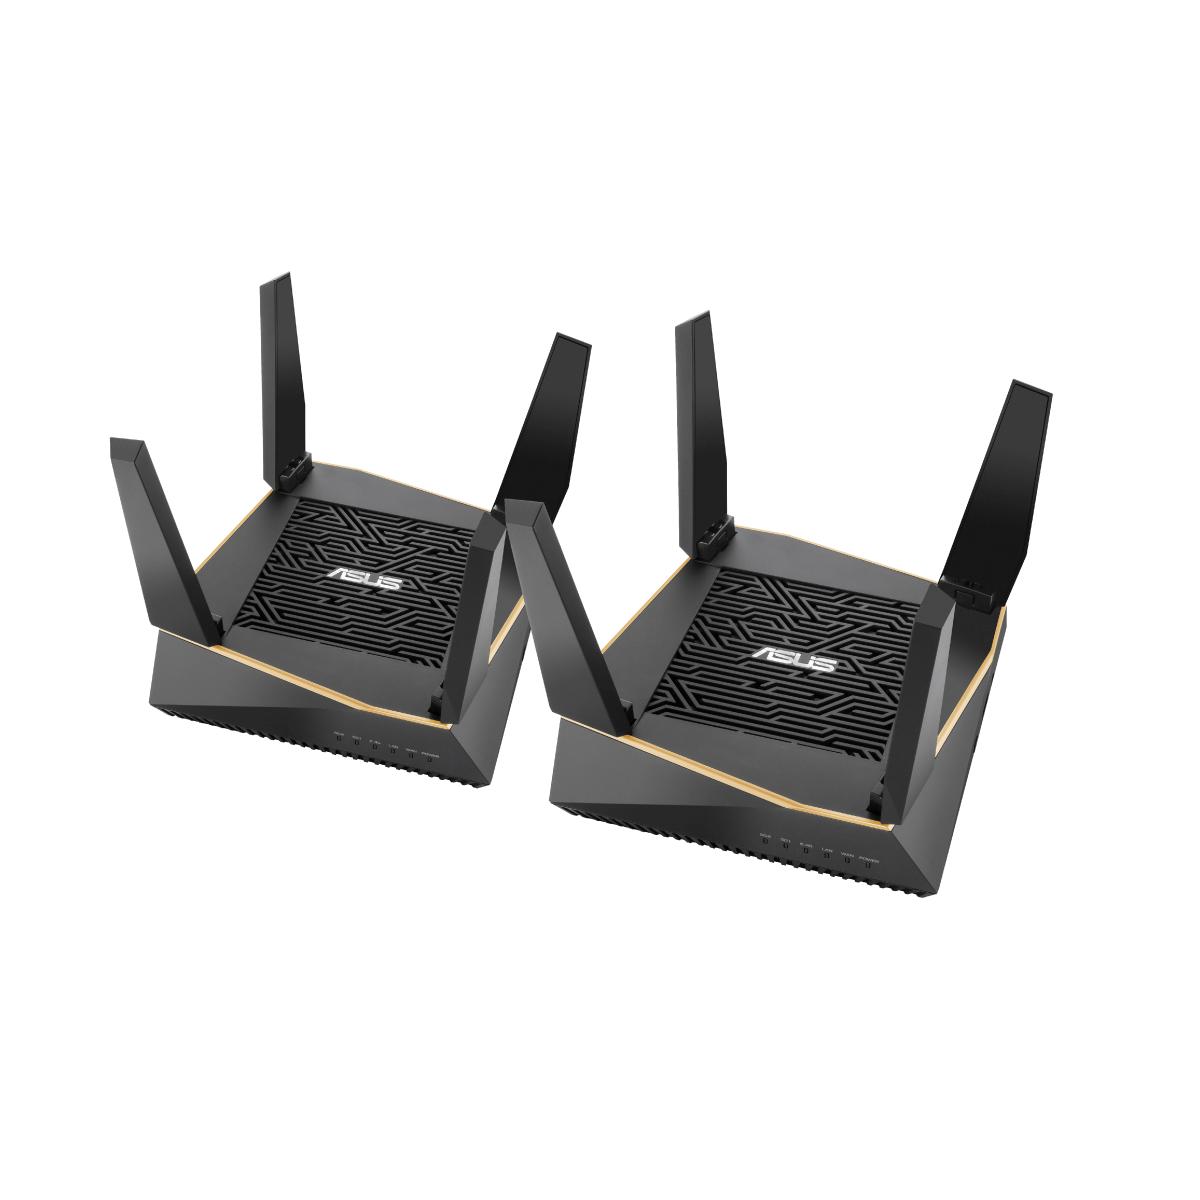 AX6100 三頻 WiFi  網狀網路系統